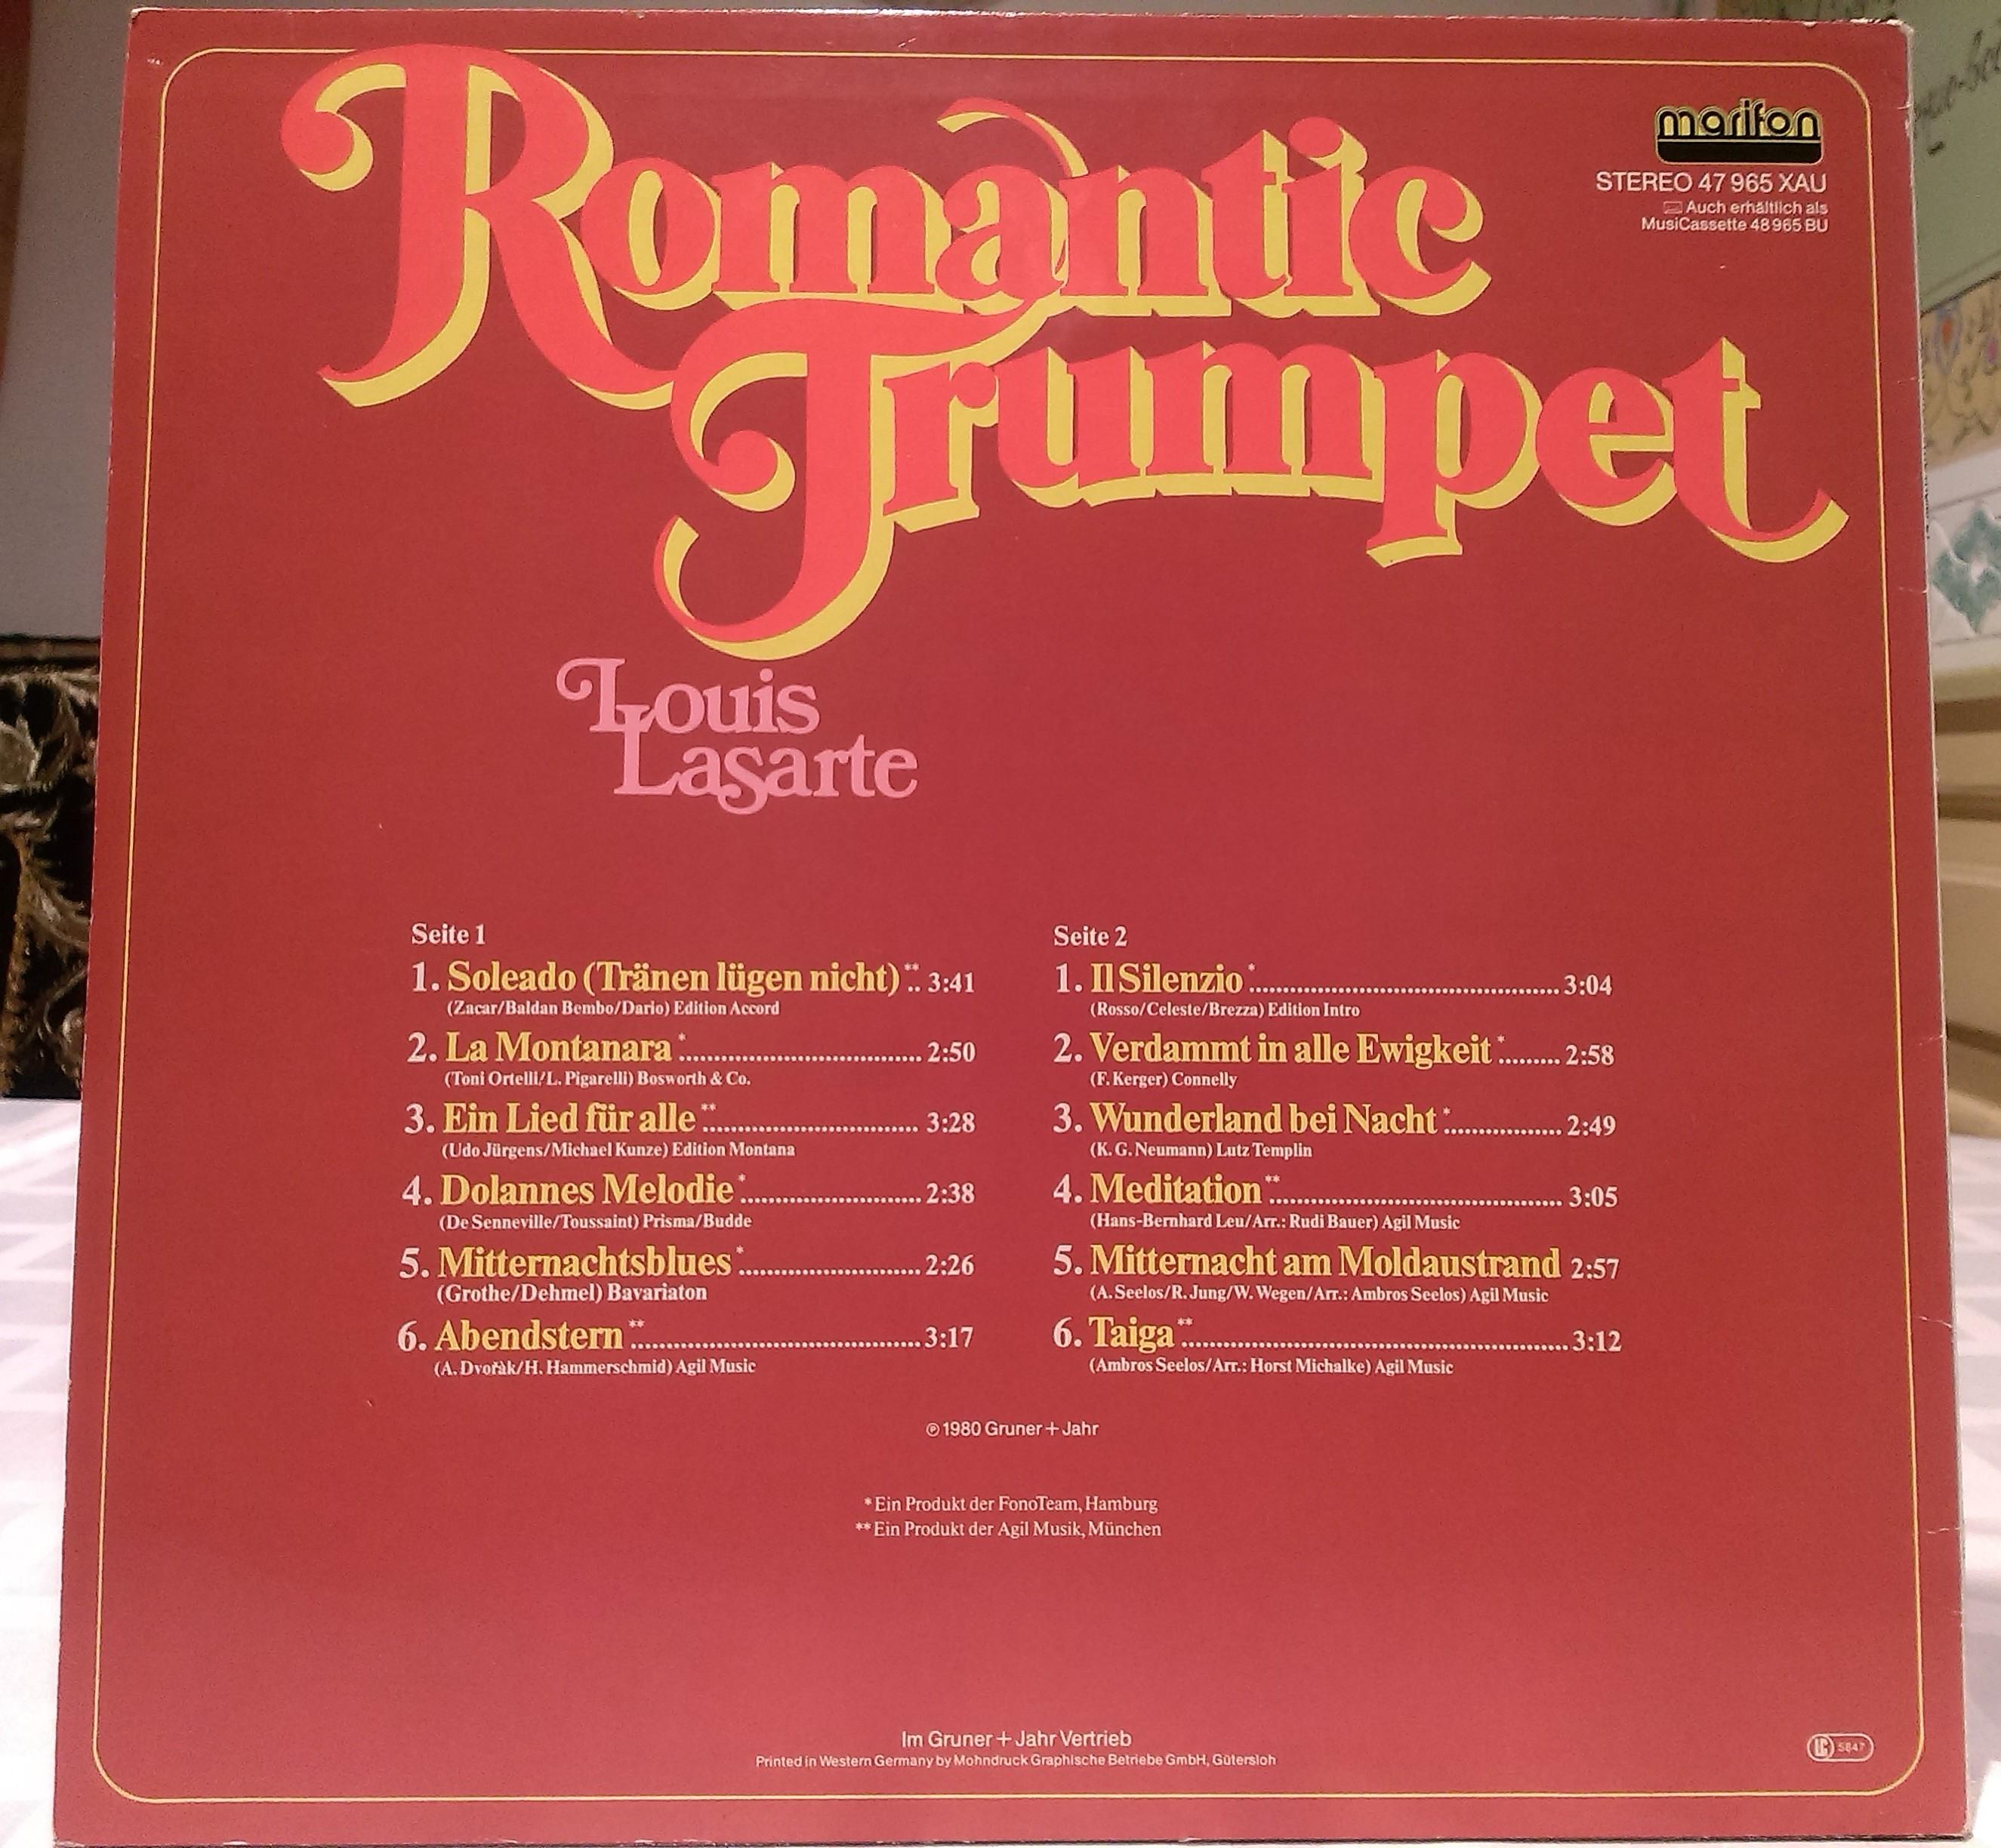 Louis Lasarte - Romantic Trumpet 1980 LP MARIFON 47 965 XAU back